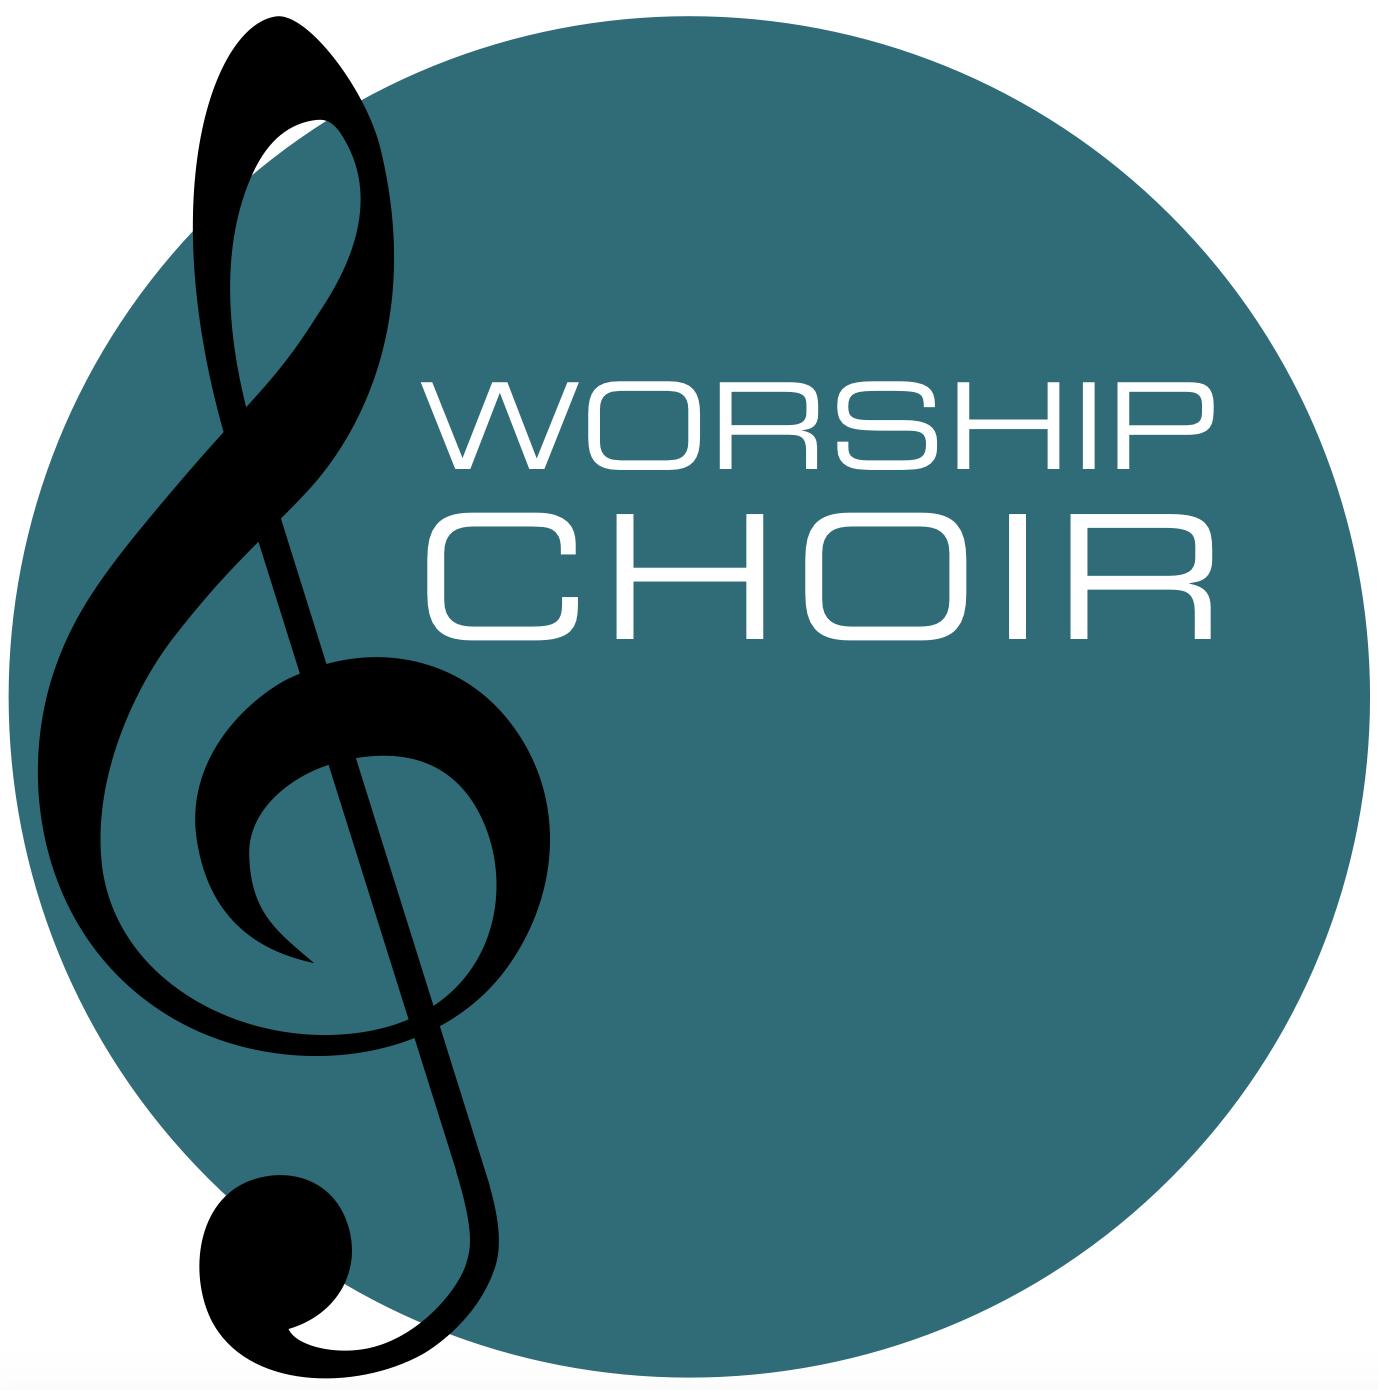 WorshipChoir